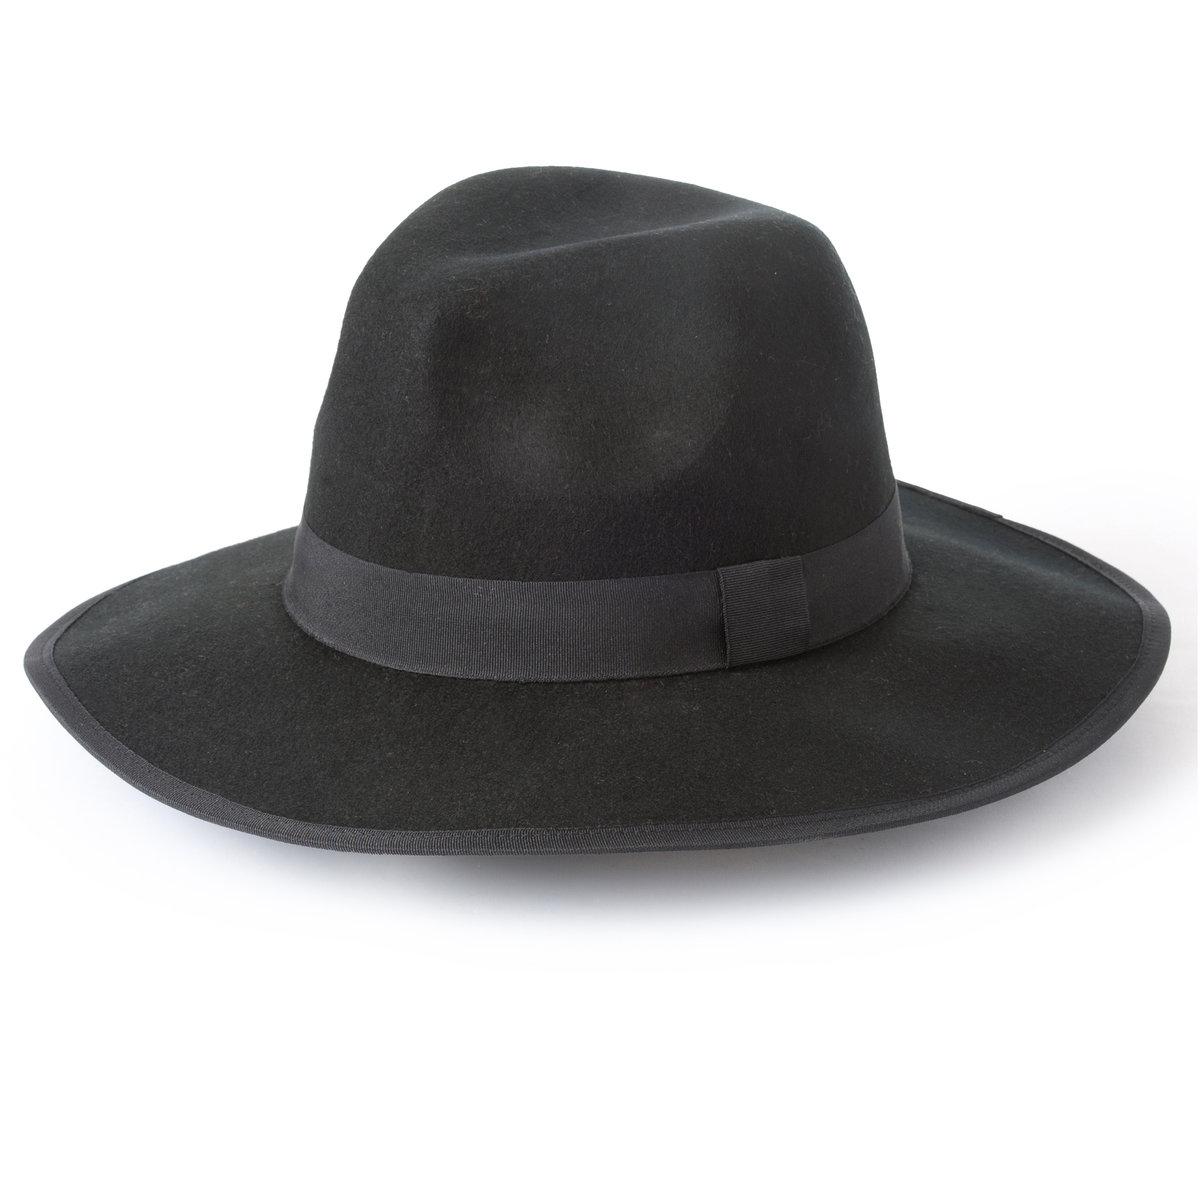 Шляпа из цветного войлока, 100% шерстиБренд : Soft Grey. Универсальный размер. Состав: цветной войлок из 100% шерсти<br><br>Цвет: черный